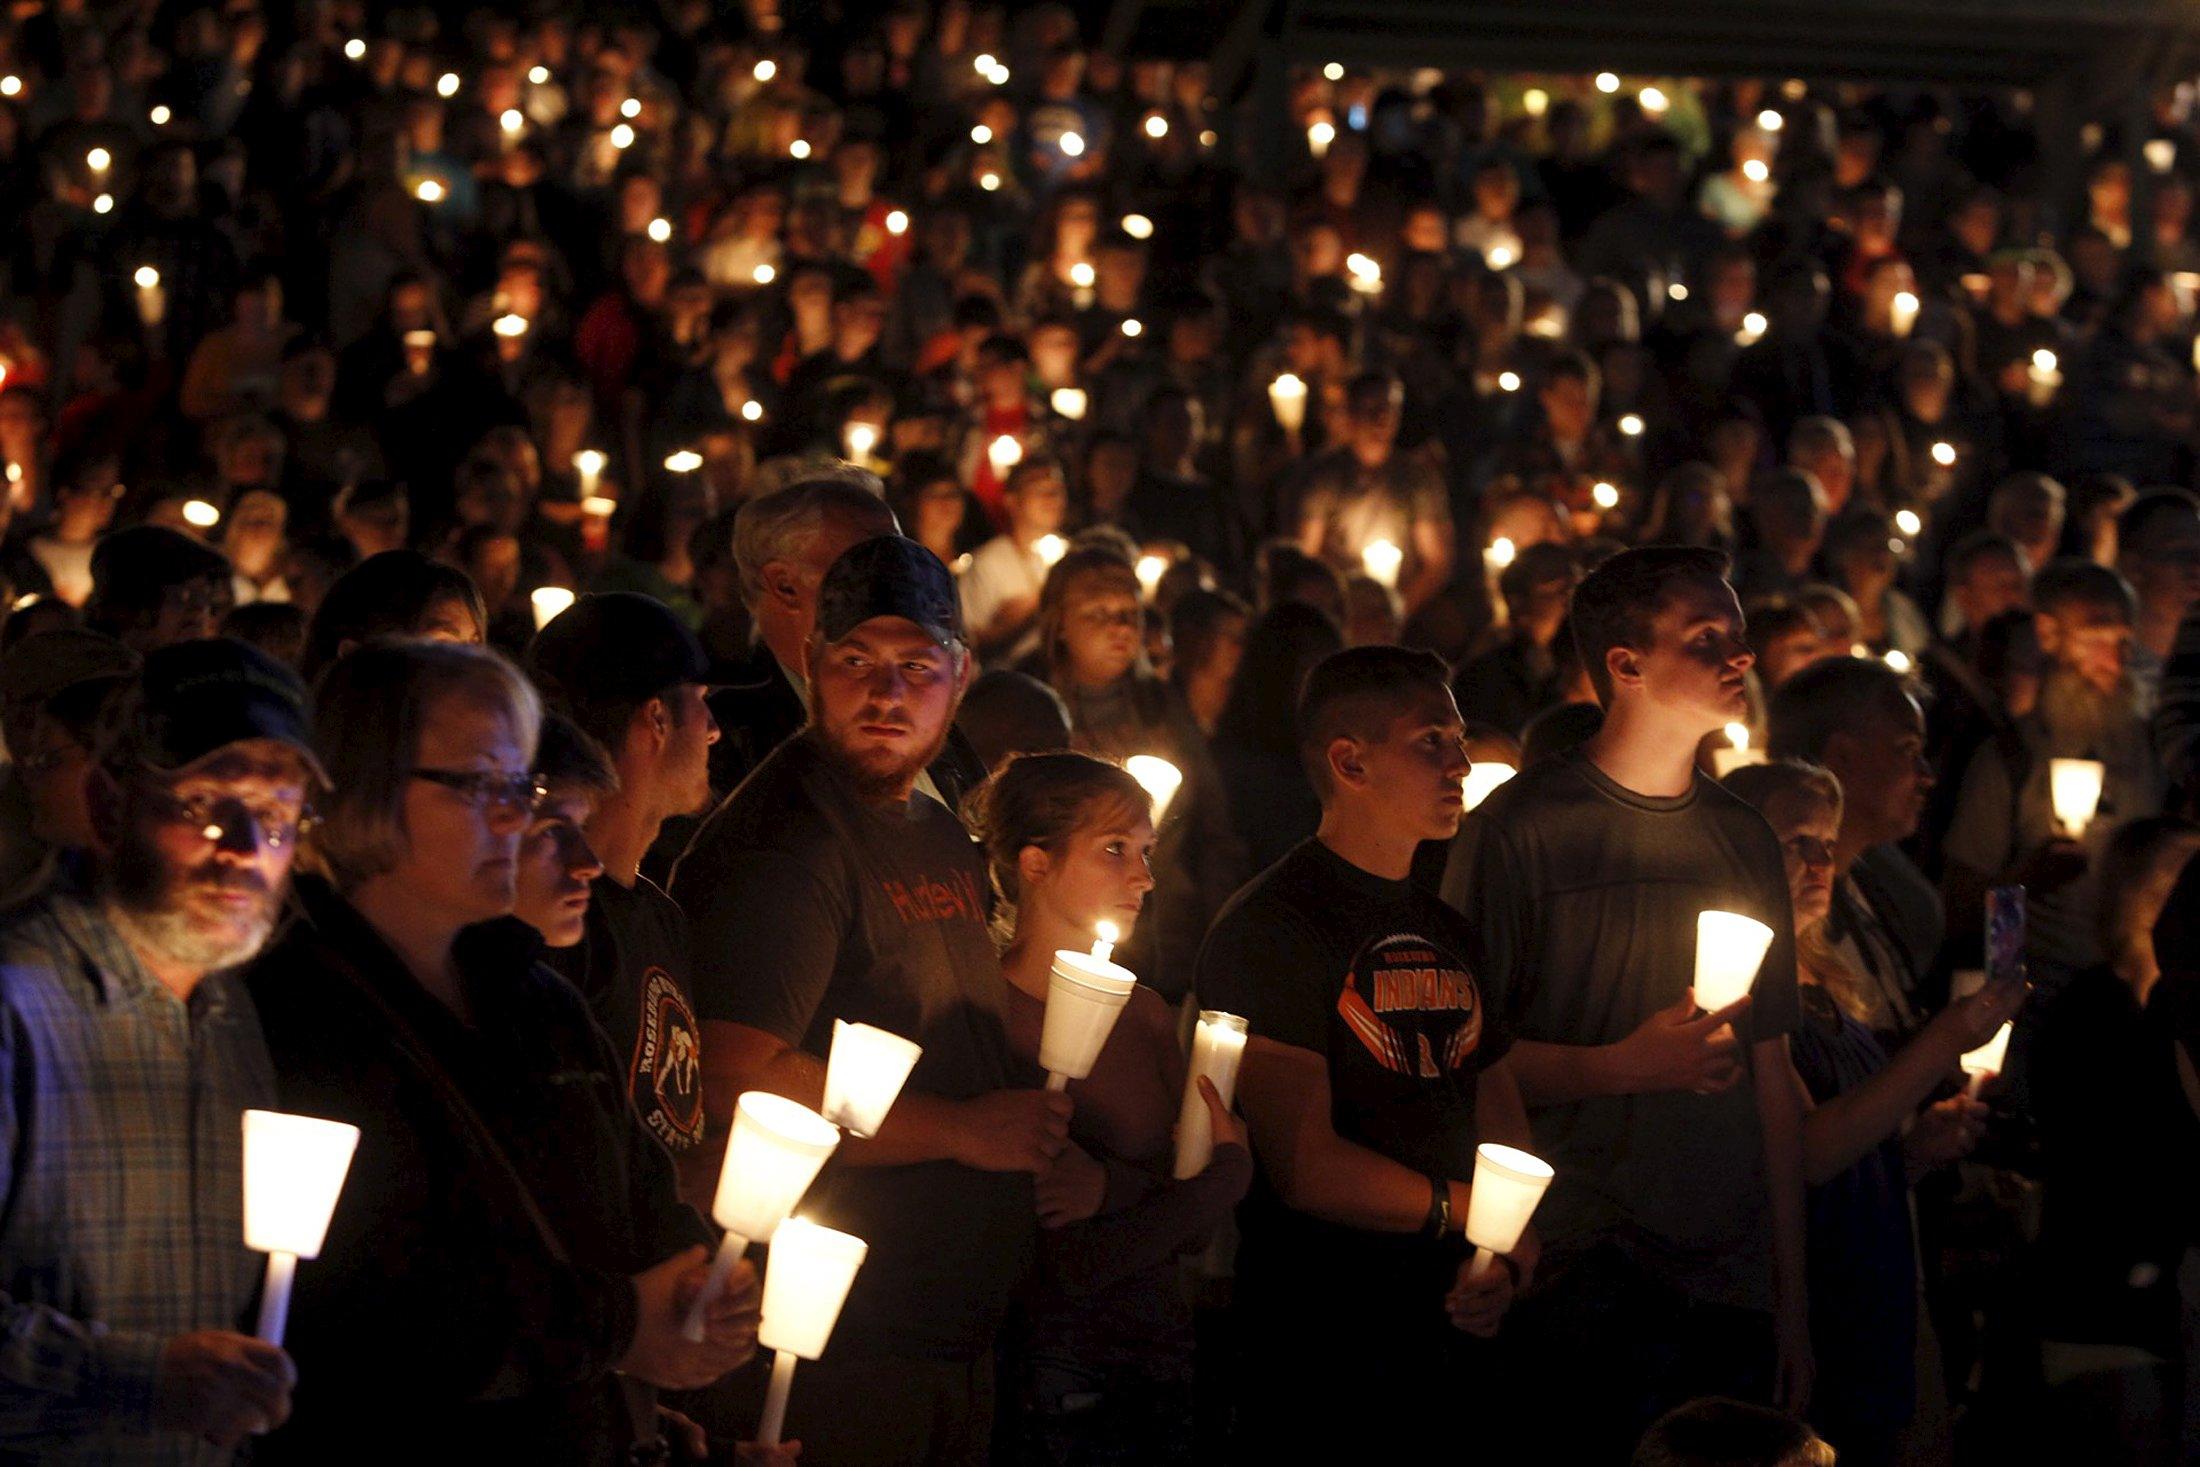 Warga mengikuti misa nyala lilin setelah terjadi insiden penembakan masal di Kampus Komunitas Umpqua, di Roseburg, Oregon, Kamis (1/10). Seorang pria bersenjata melepaskan tembakan di sebuah komunitas kampus di barat daya Oregon, Kamis kemarin, menewaskan sembilang orang dan melukai tujuh lainnya sebelum polisi menembaknya hingga tewas, menurut keterangan aparat berwenang, pembunuhan masal terbaru di kampus wilayah Amerika. ANTARA FOTO/REUTERS/Steve Dipaola.